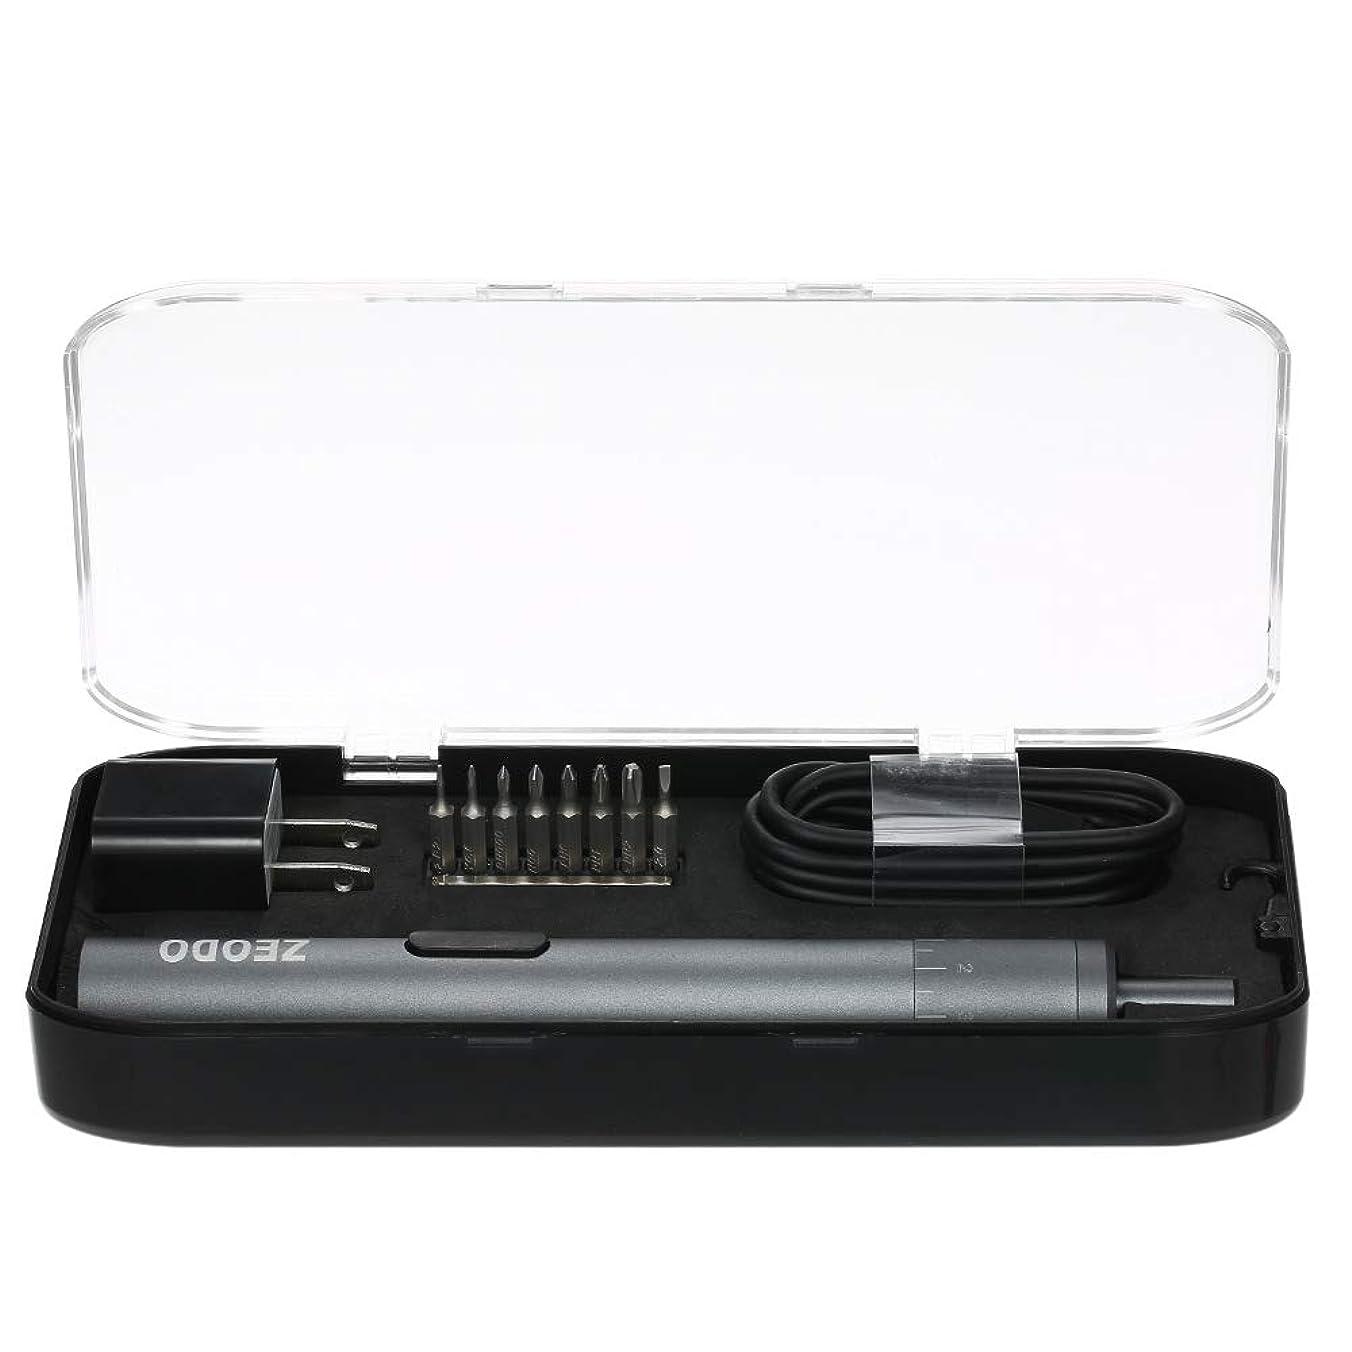 変更可能伝統キノコKmoon 精密ドライバー 電動ドライバー 精密 ミニ 電動スクリュードライバー 8pcs ビット ねじれ調整可能 充電式 コードレス USB パワー スクリュードライバ 電話 PC ラップトップ MP3 収納ボックス付き